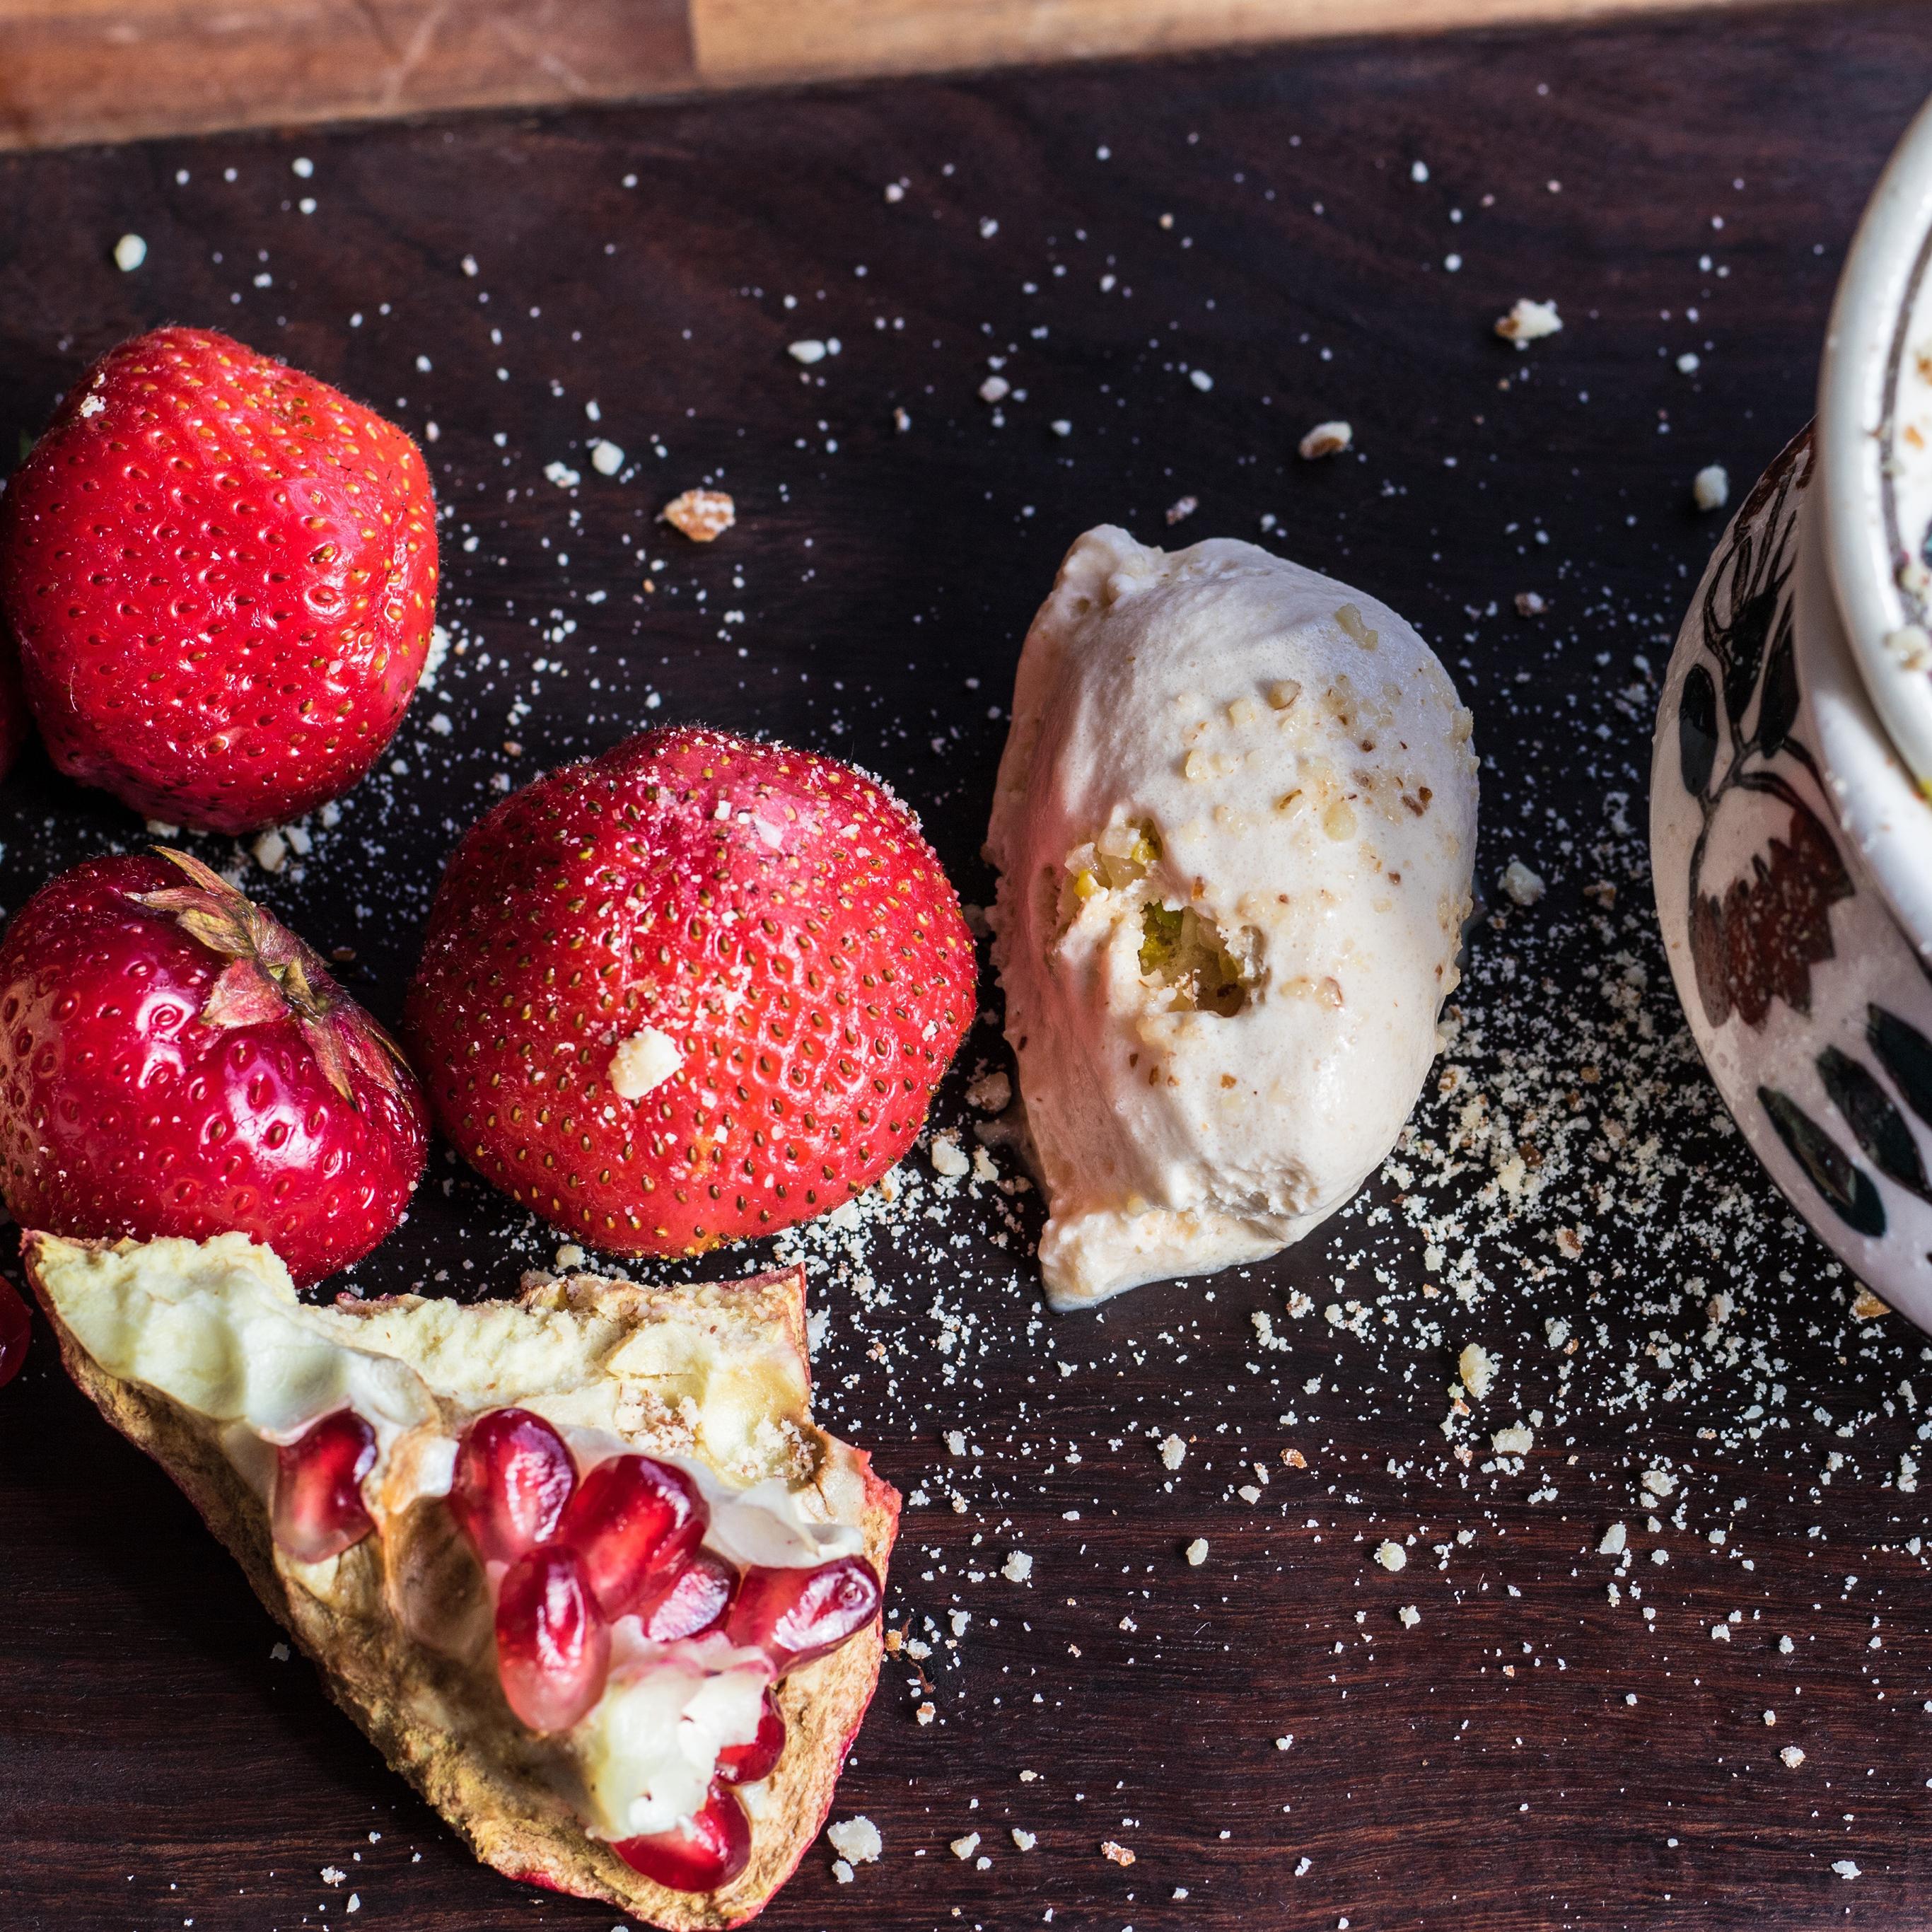 迷你可爱草莓图片